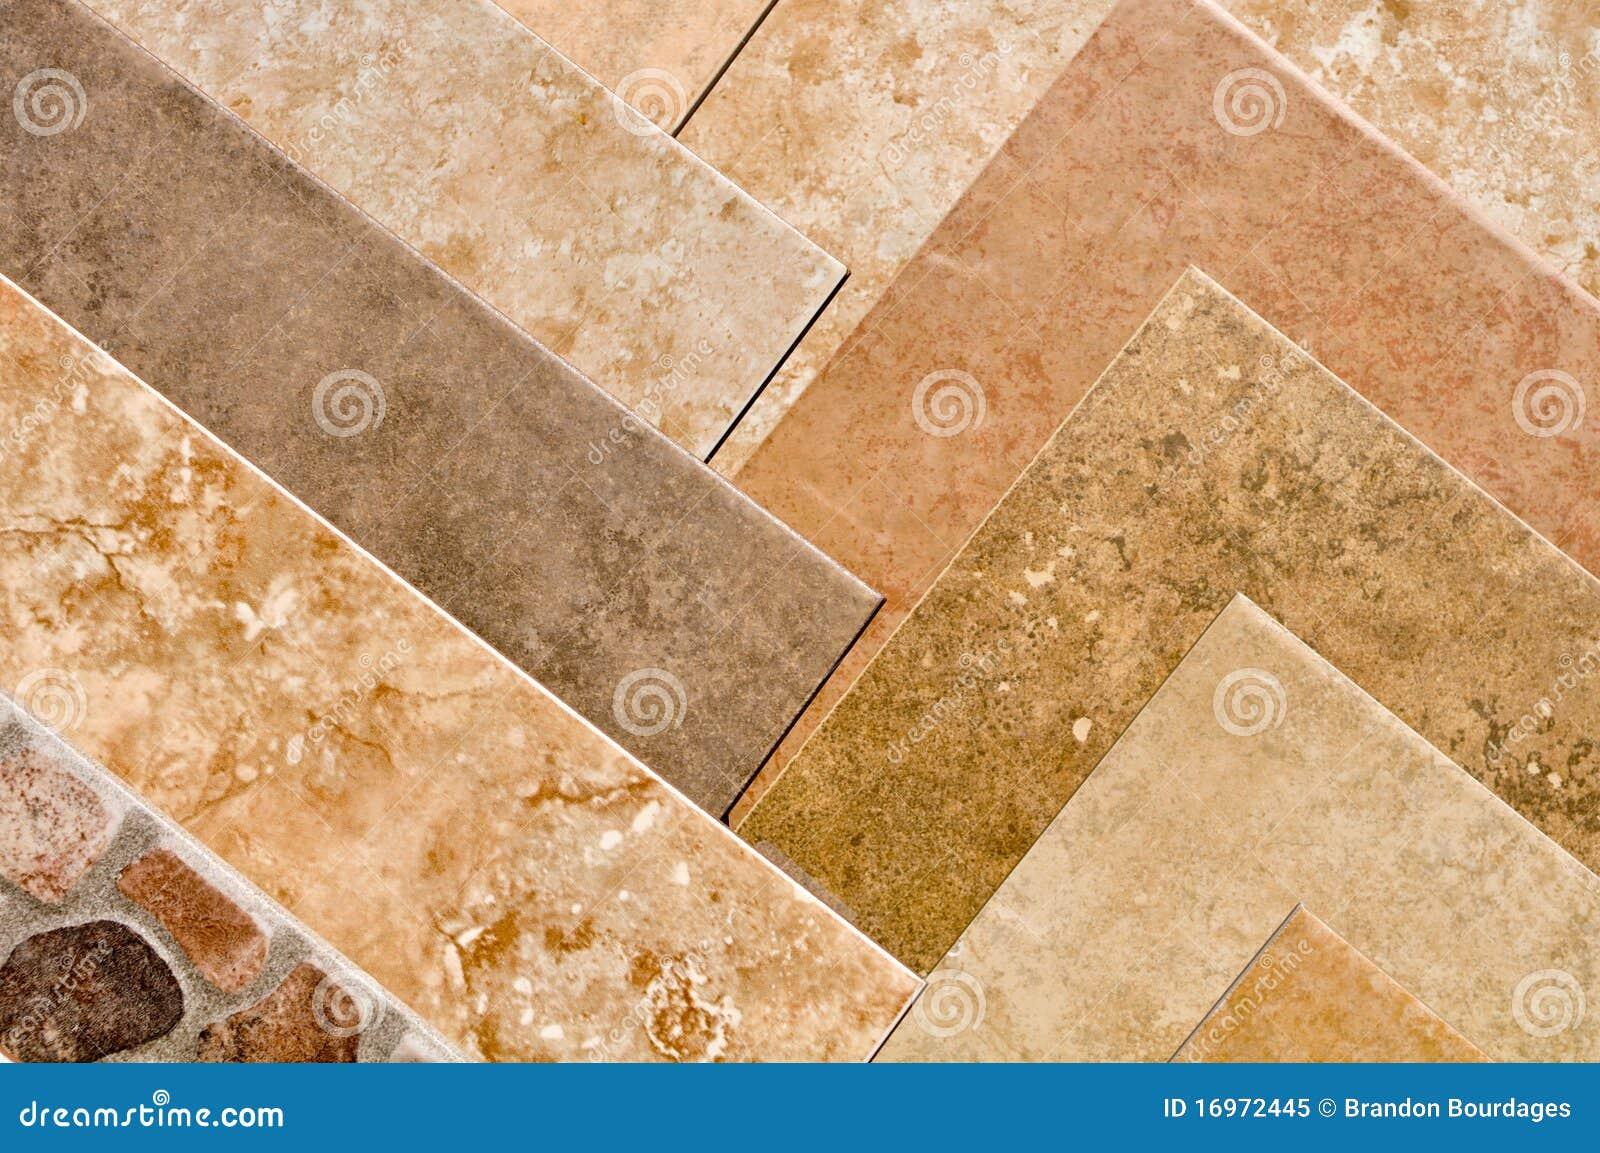 Muestra de suelo de azulejo foto de archivo libre de - Azulejos de suelo ...